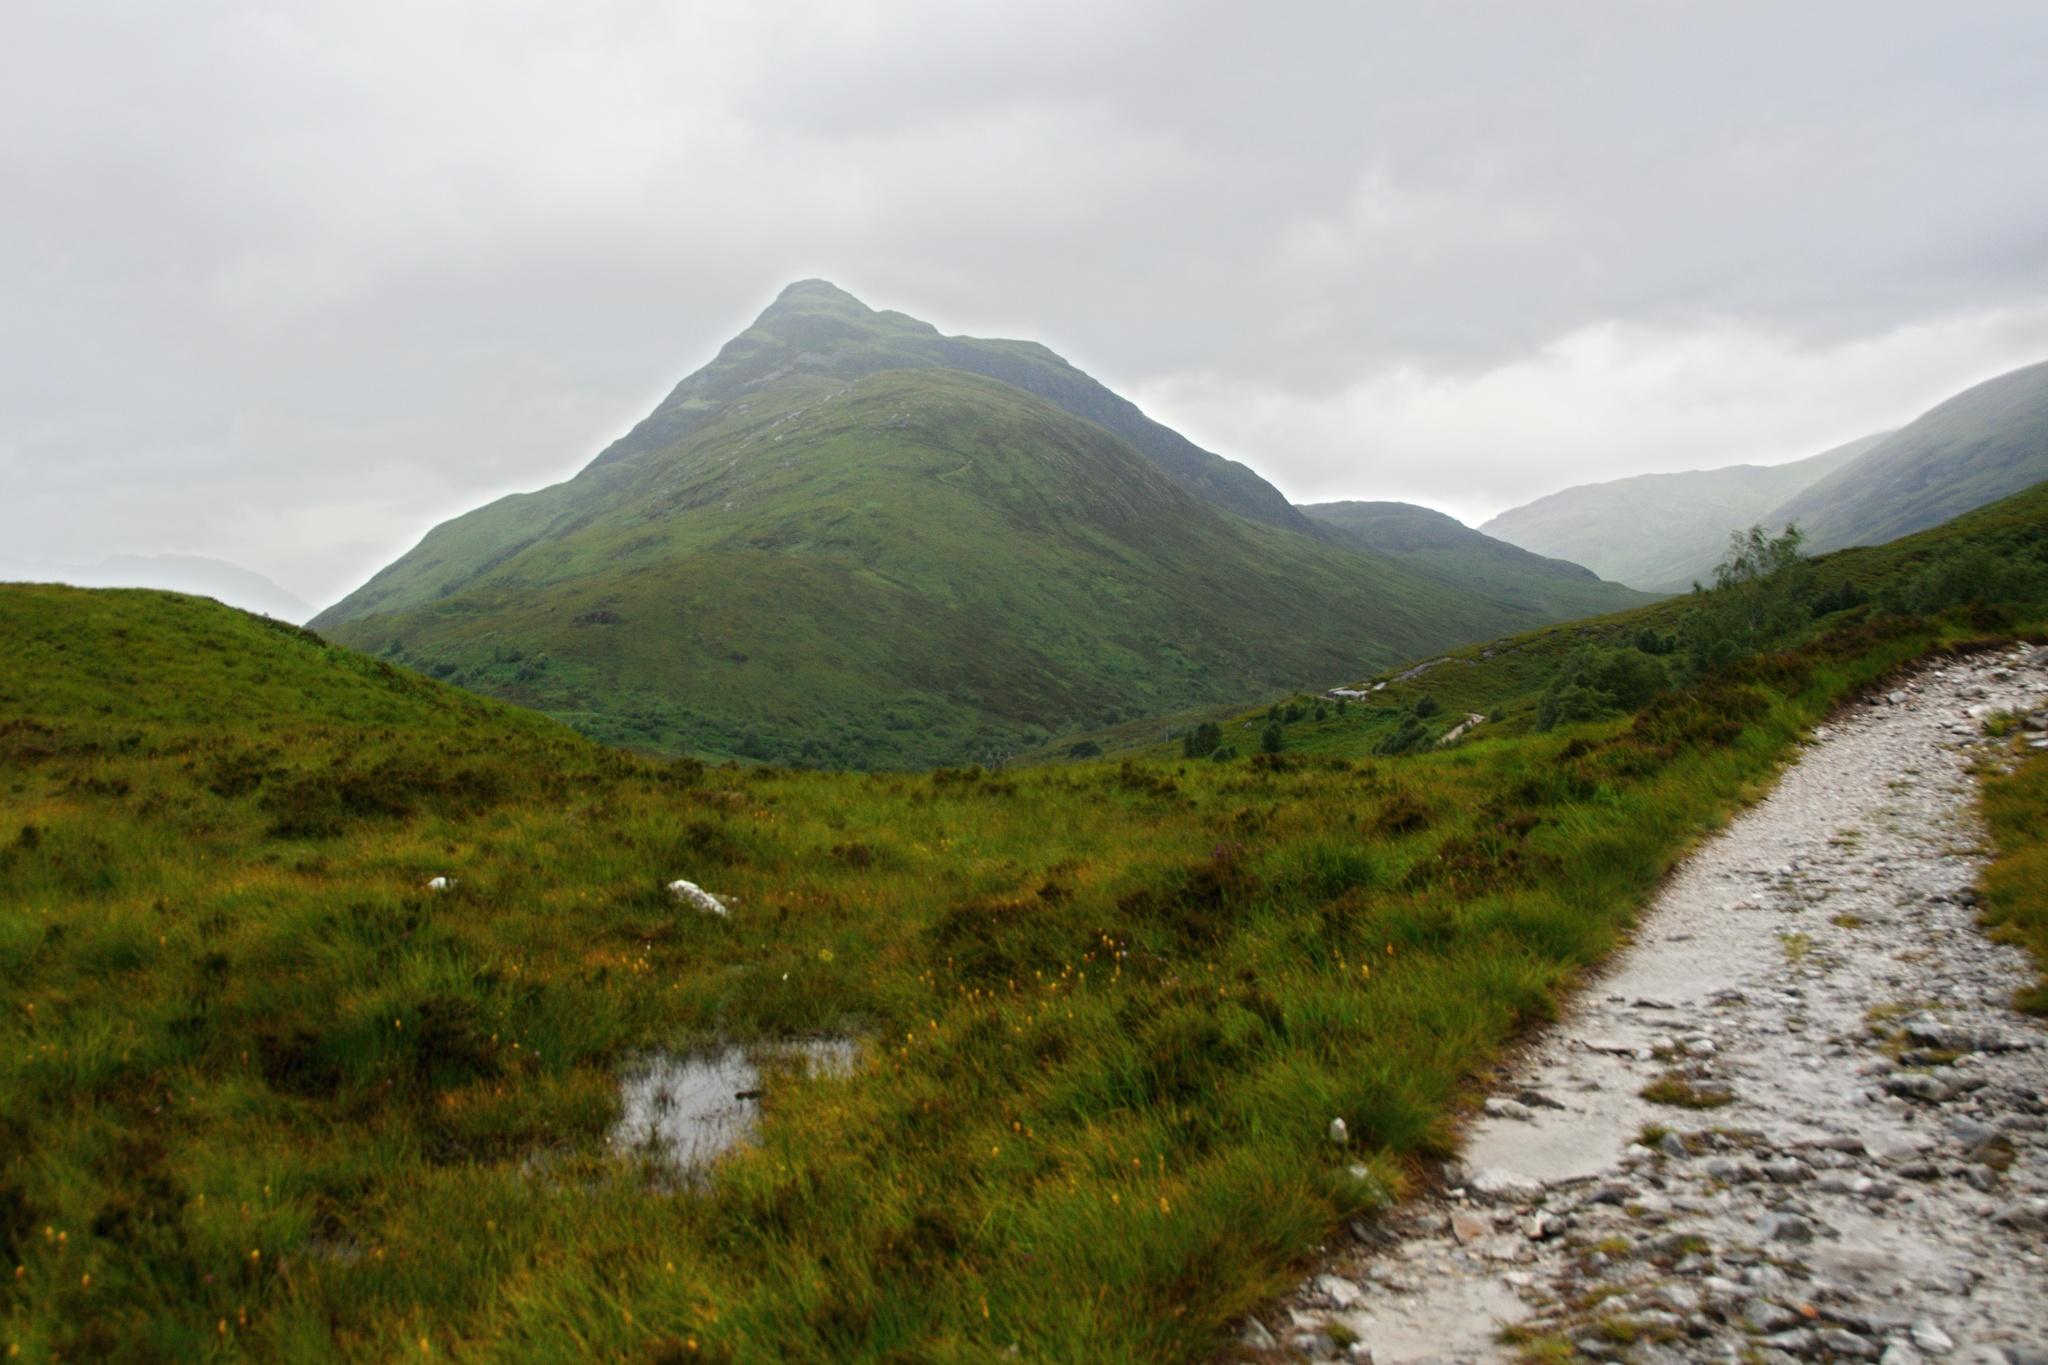 Pohled na mlhou zakrytý kopec Beinn na Caillich